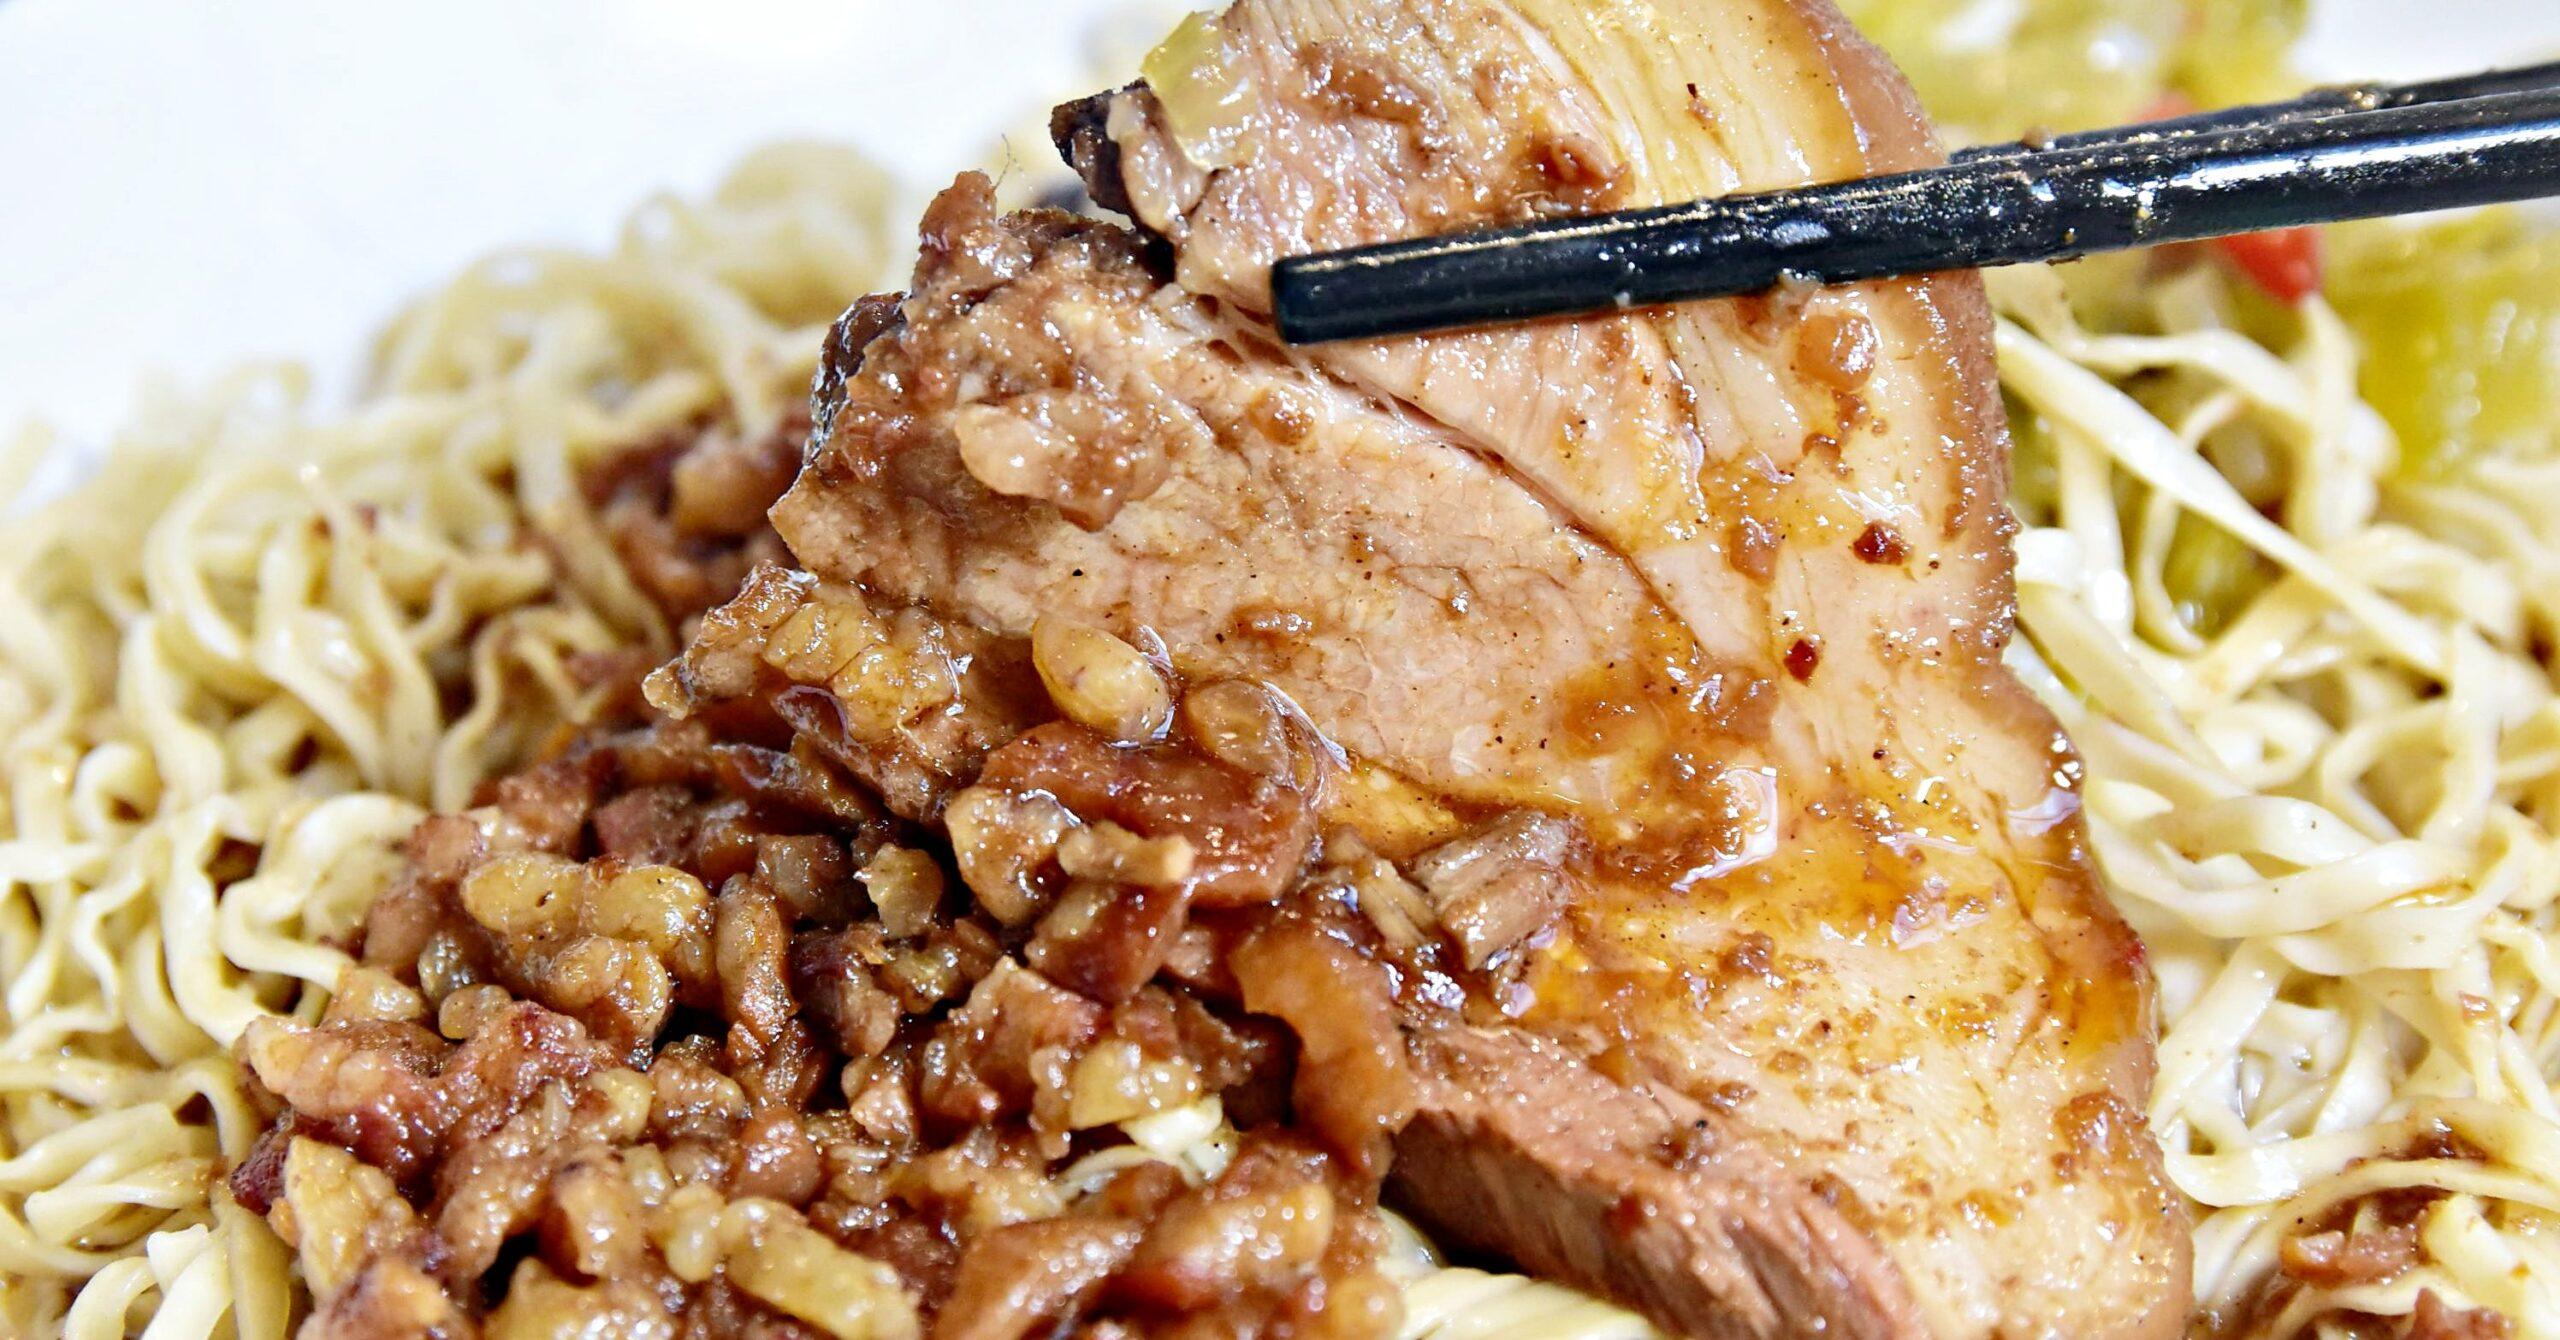 飛米子新莊店,飛米子菜單,飛米子新莊店菜單,飛米子滷肉飯 @Nash,神之領域